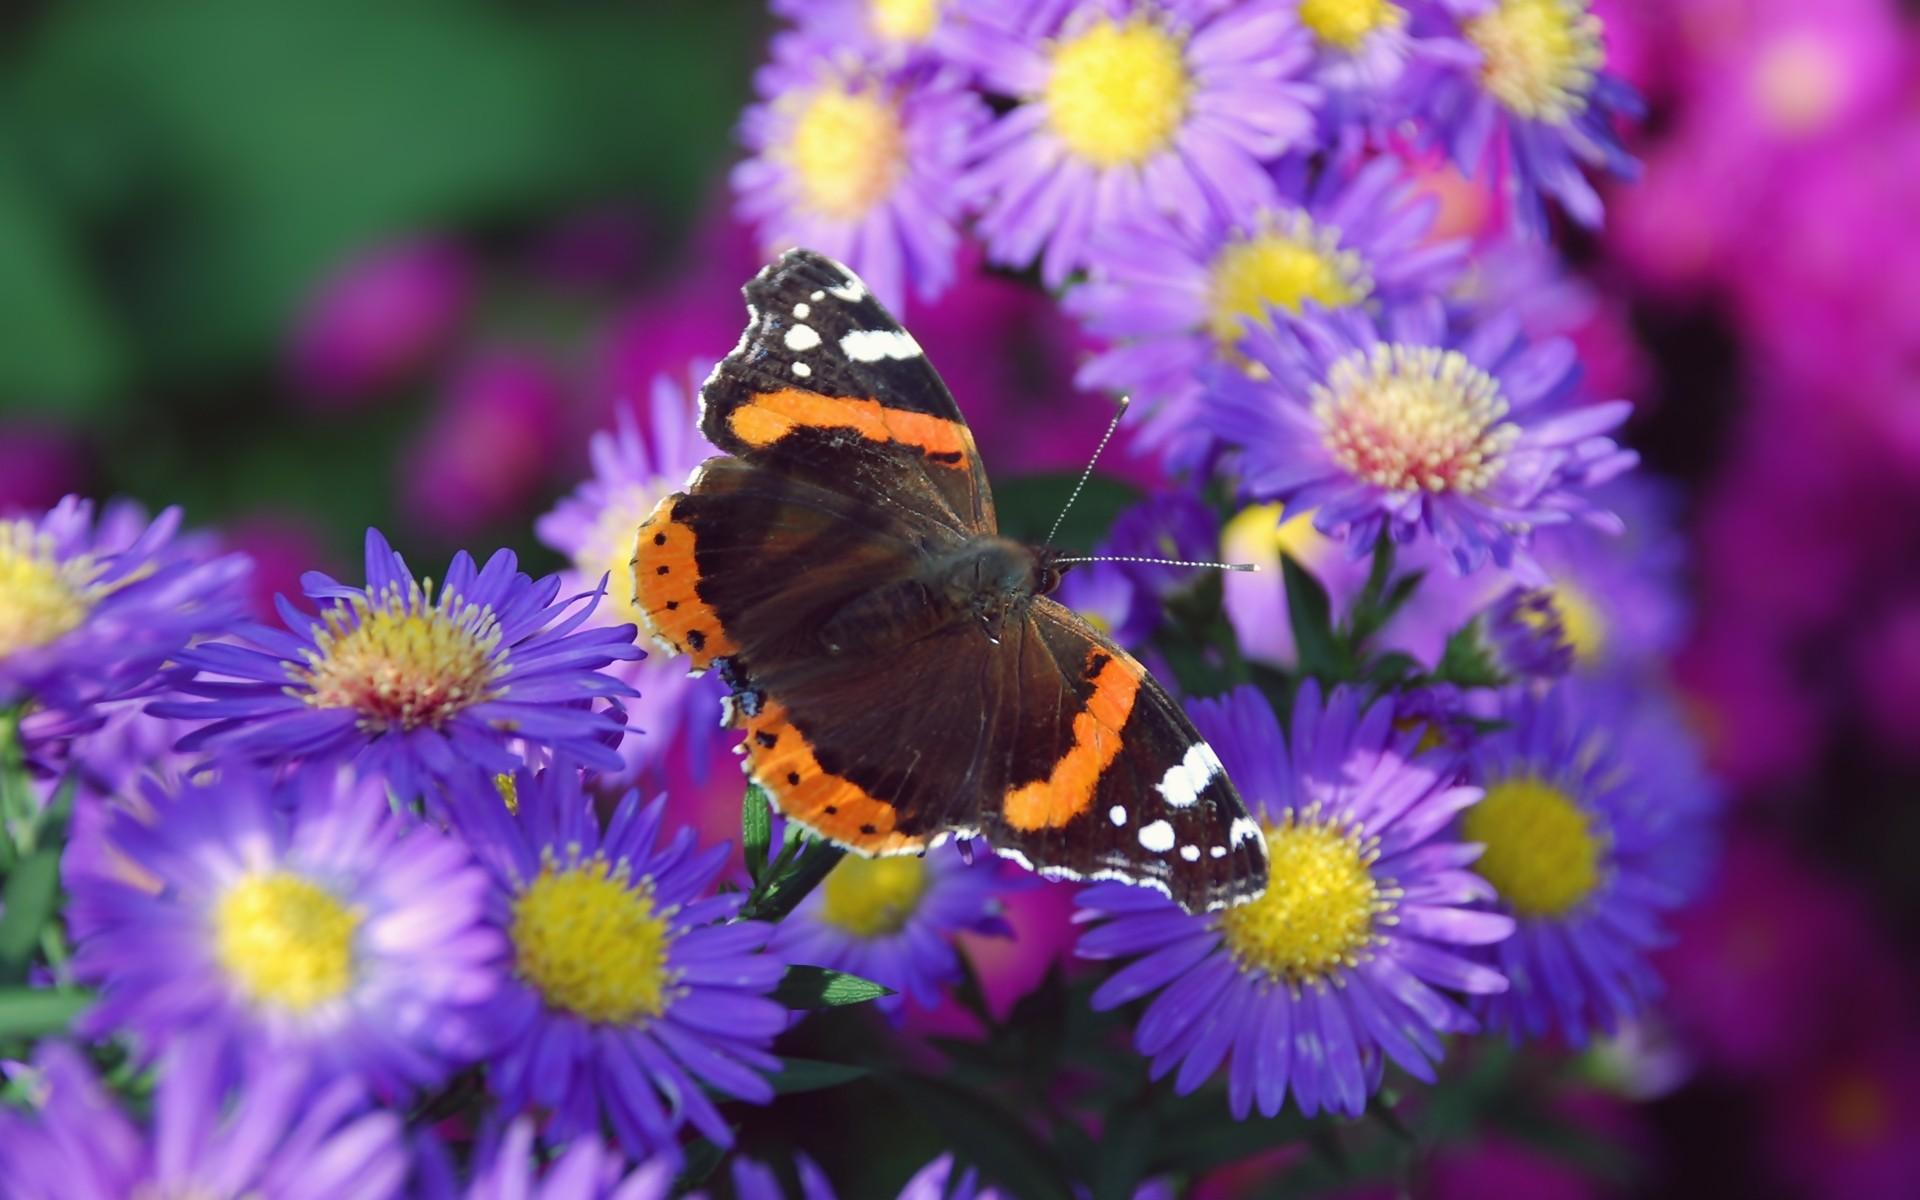 Скачать бесплатно обои бабочки на рабочий стол   подборка (14)